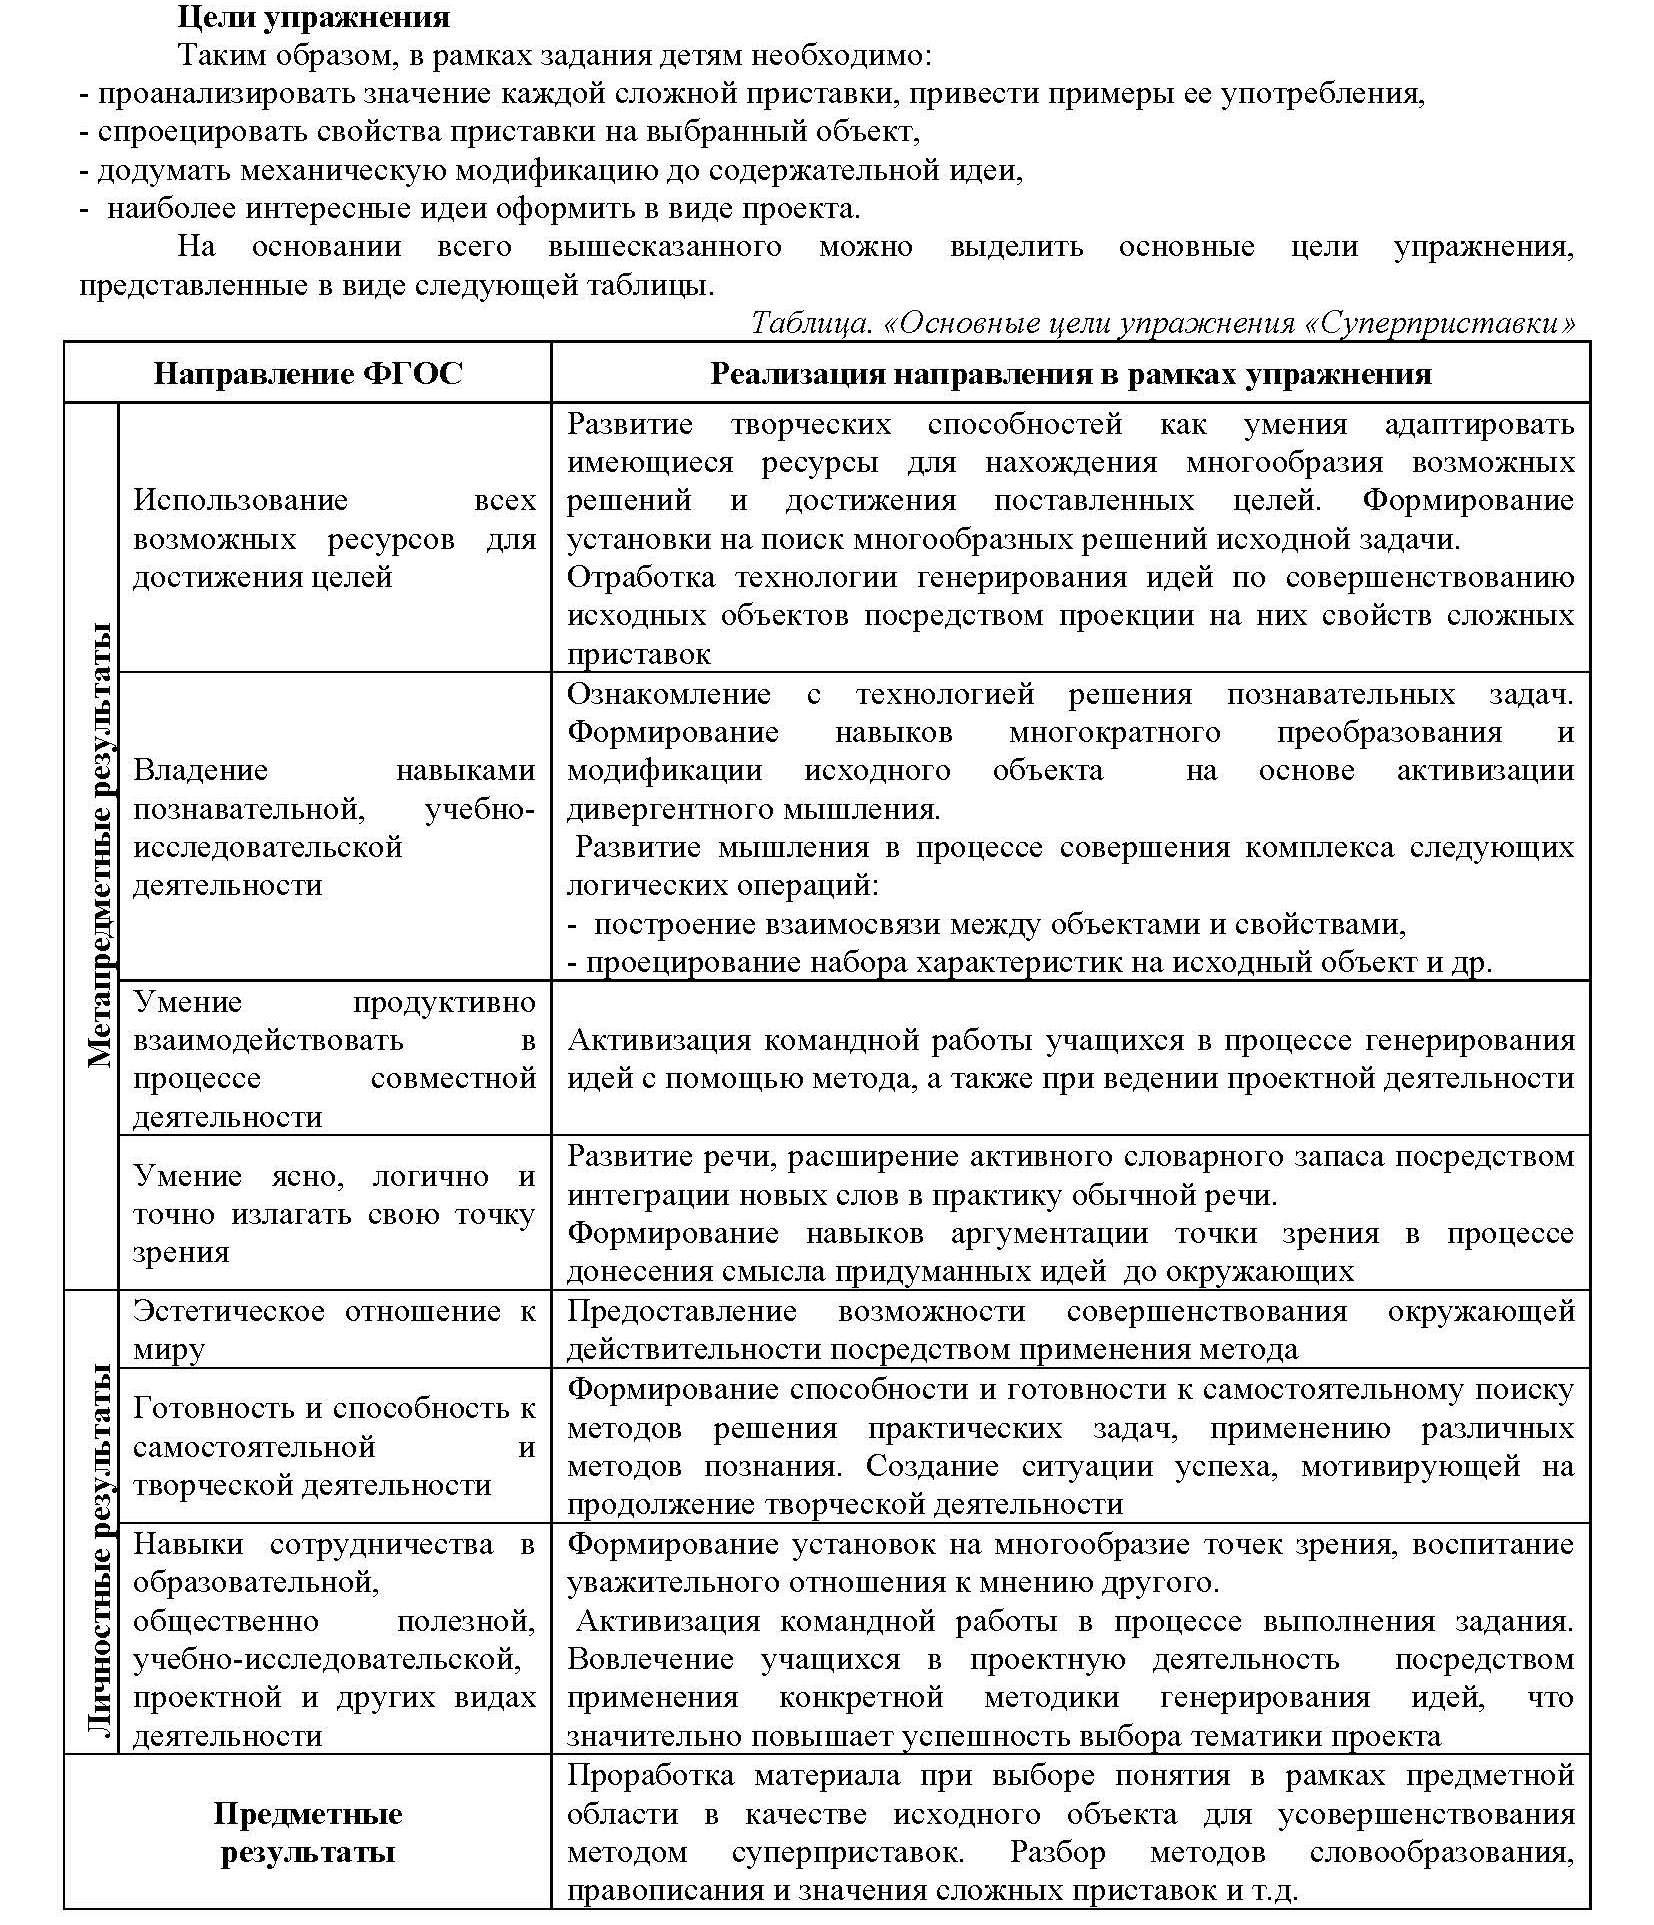 МФО и др._Страница_20